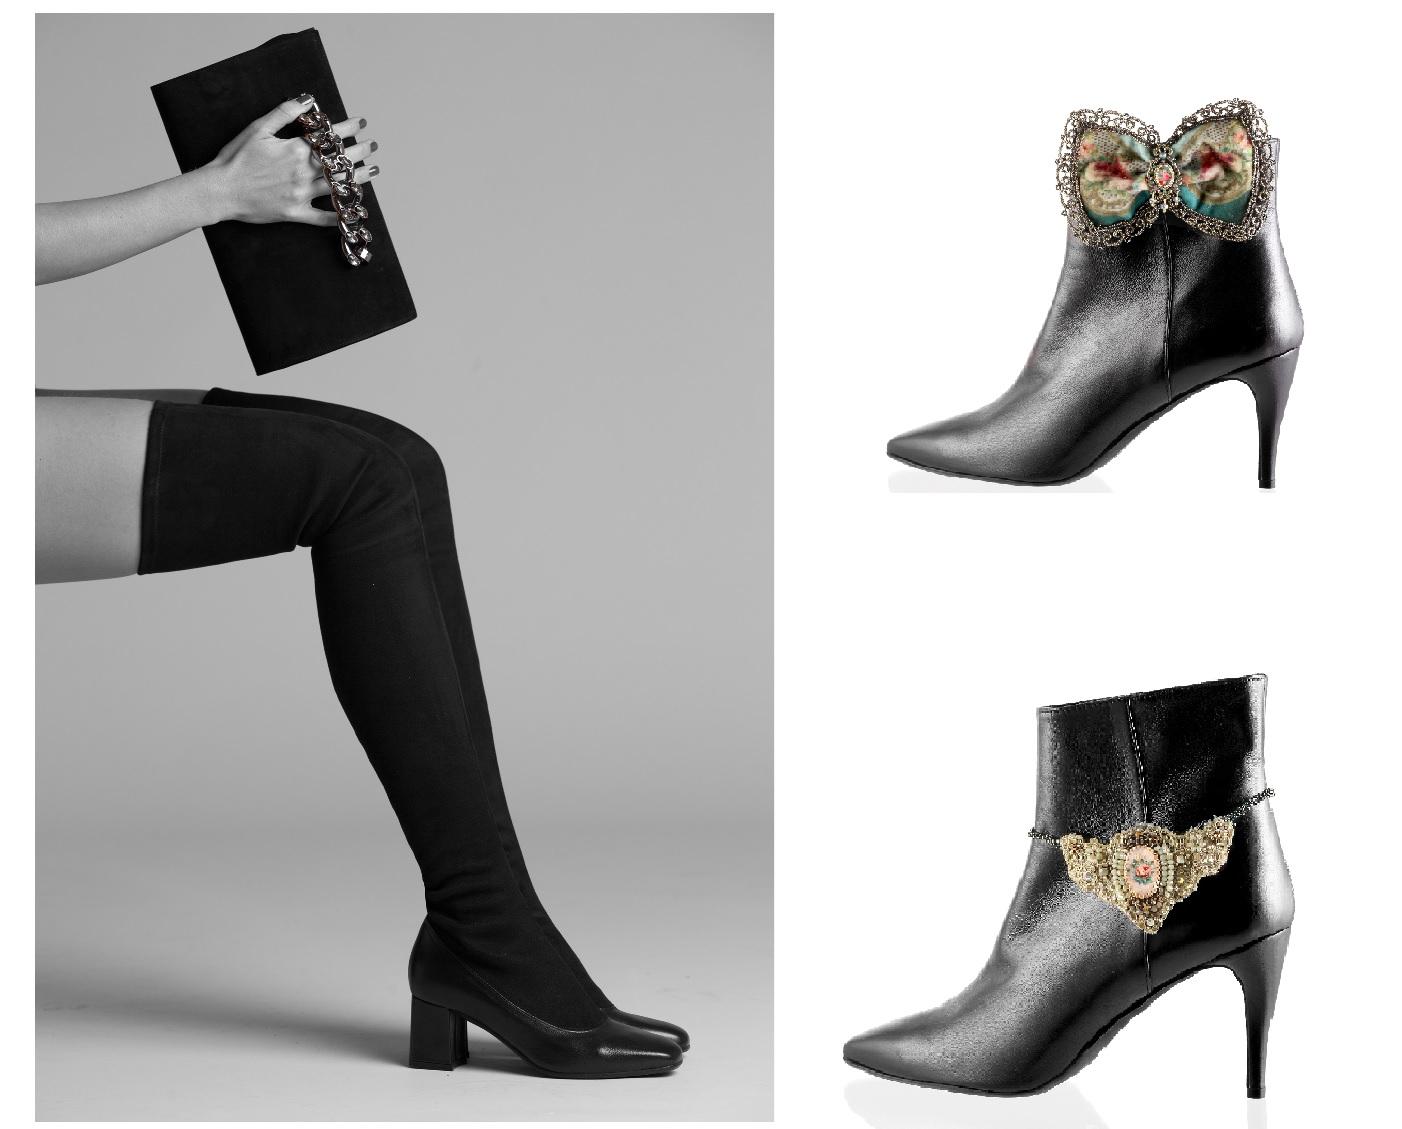 Сочетая лучших: Michal Negrin разработала коллекцию украшений для обуви Lafayette Italy